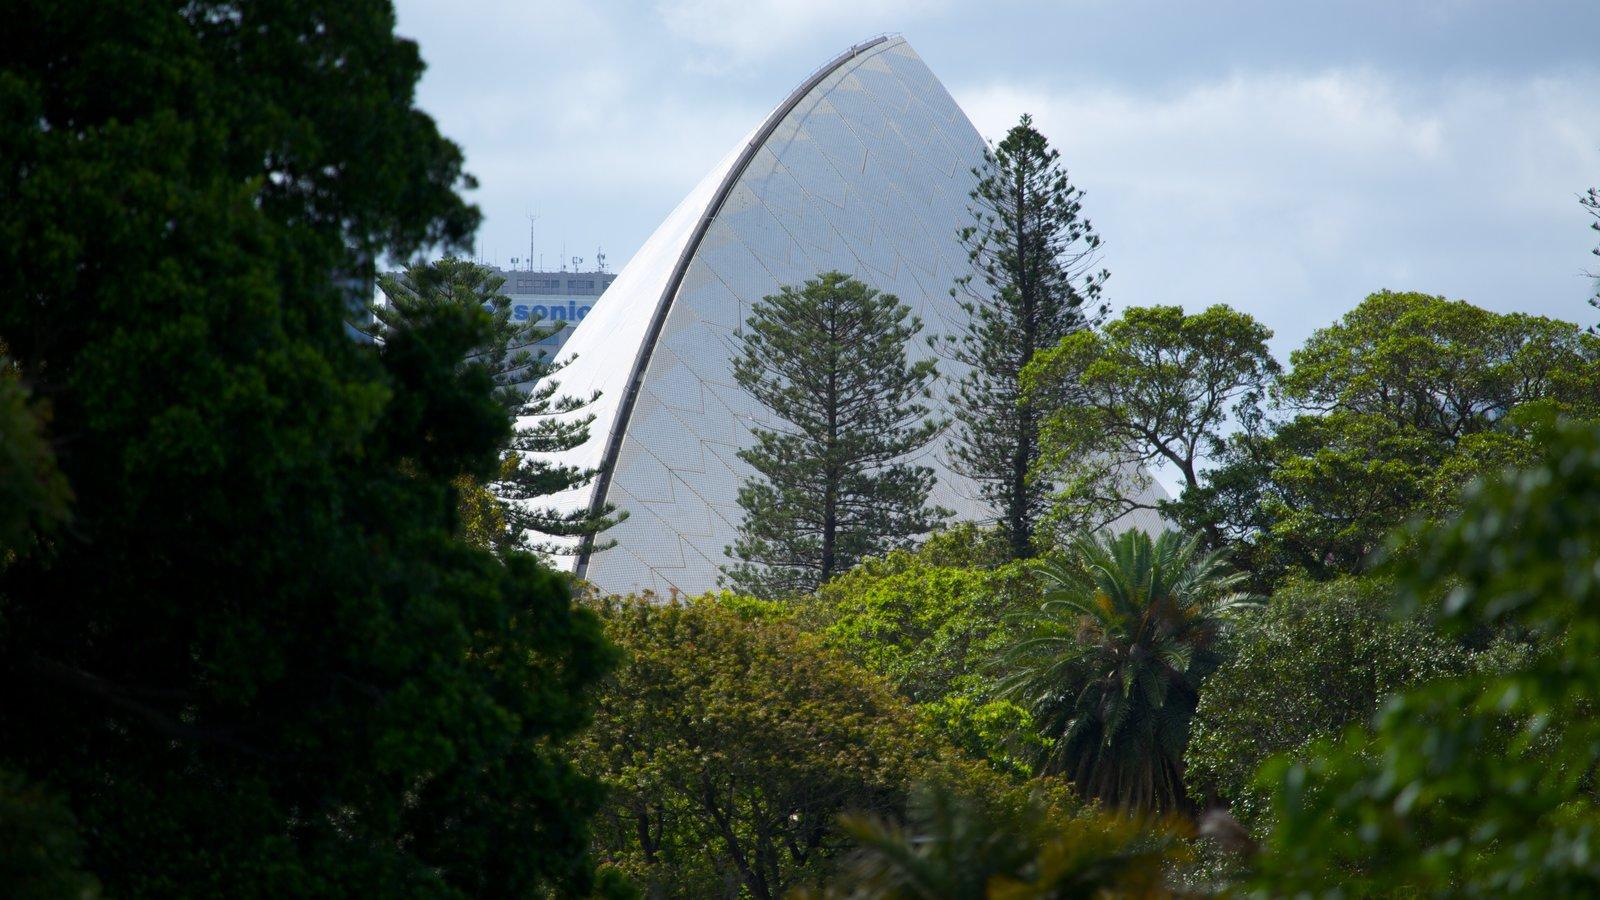 Real Jardín Botánico ofreciendo un parque y arquitectura moderna